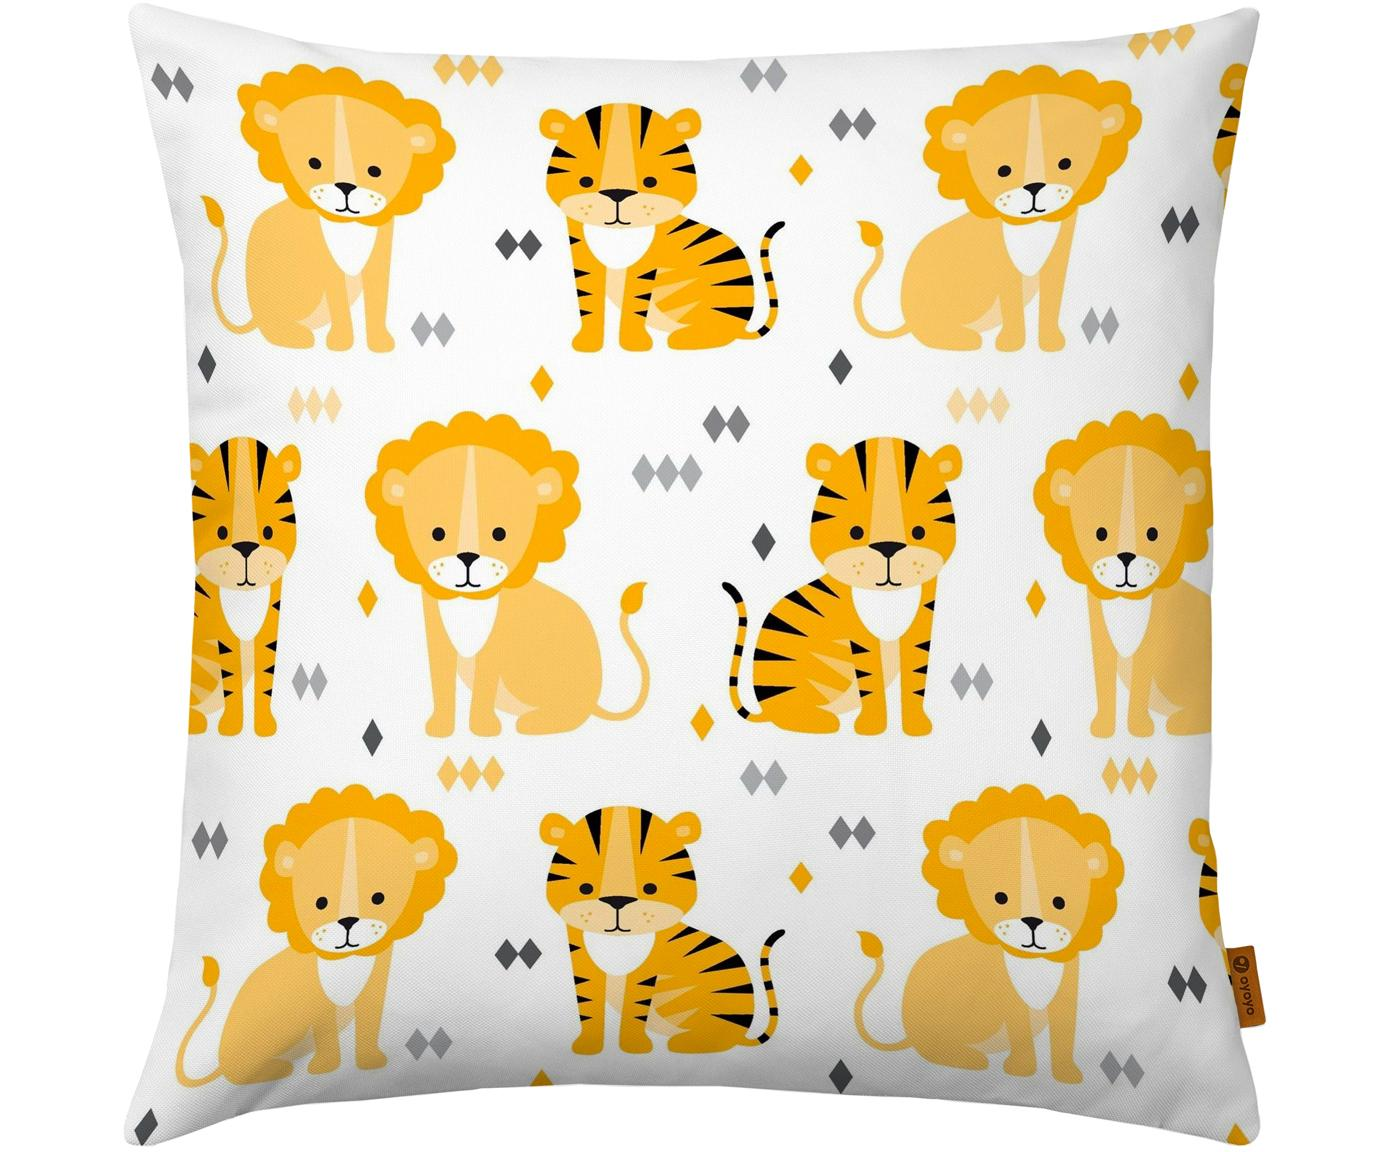 Kissenhülle Lion and Tiger, Baumwolle, Weiß, Gelb, Orange, Grau, Schwarz, 40 x 40 cm